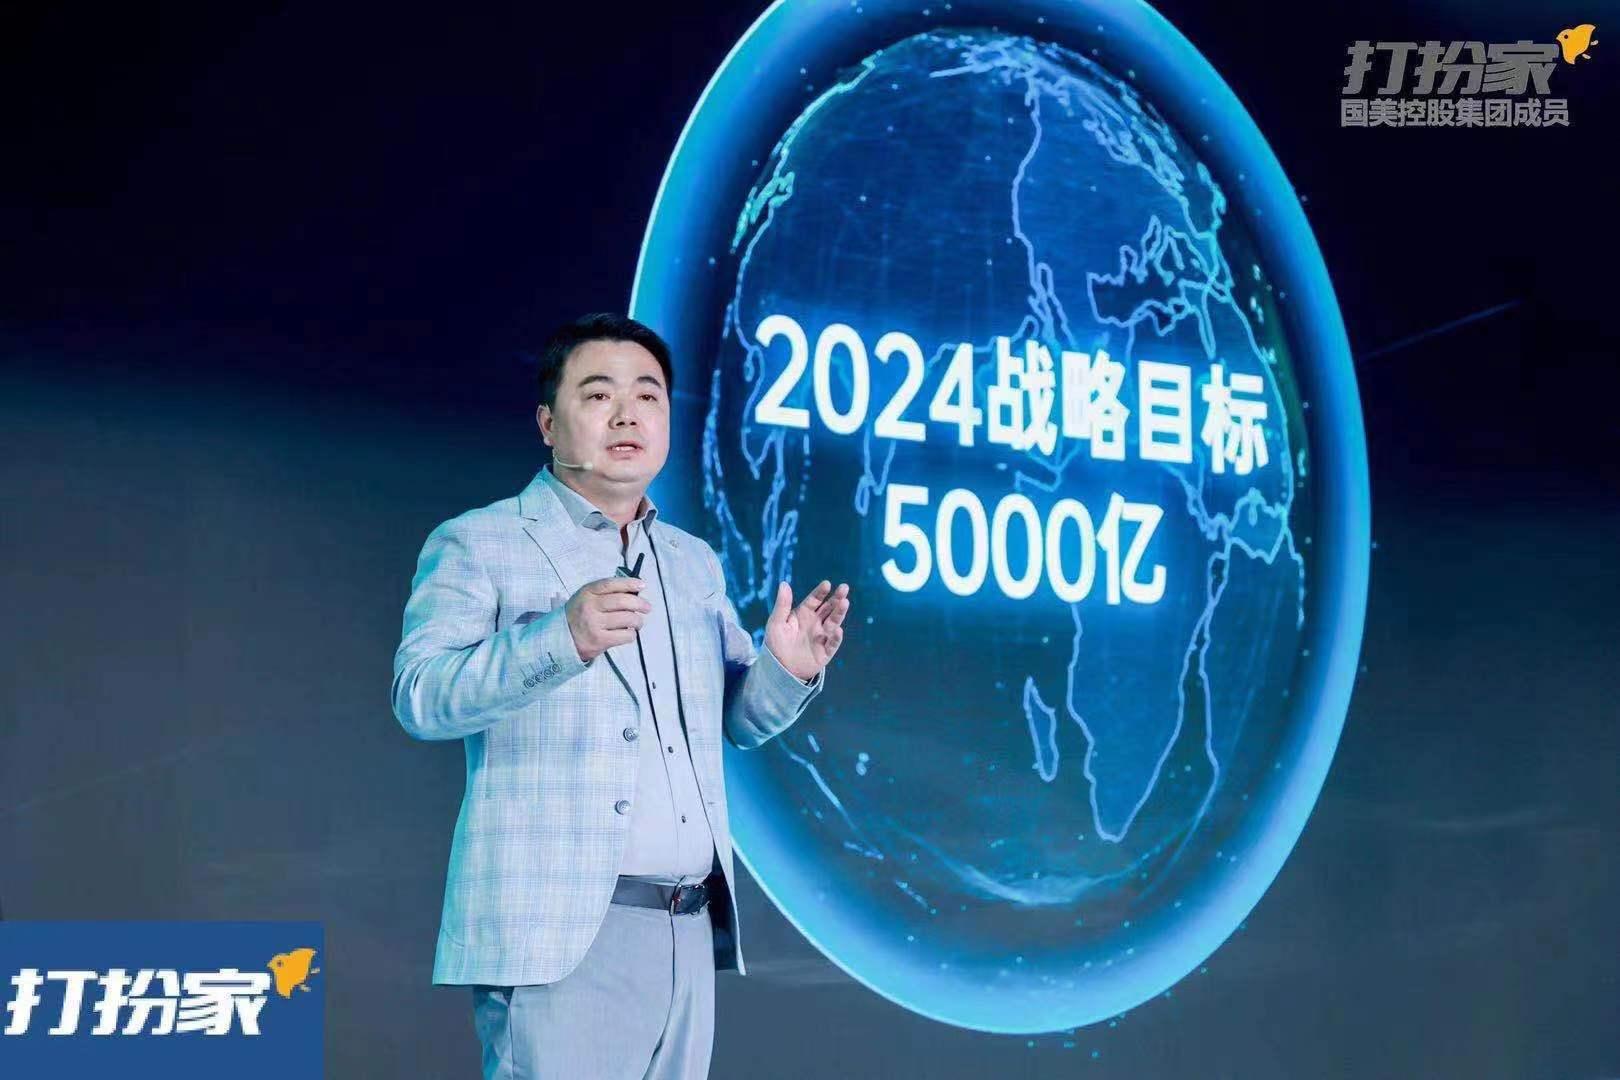 打扮家未来3年计划实现5000亿目标,黄光裕出席发布会